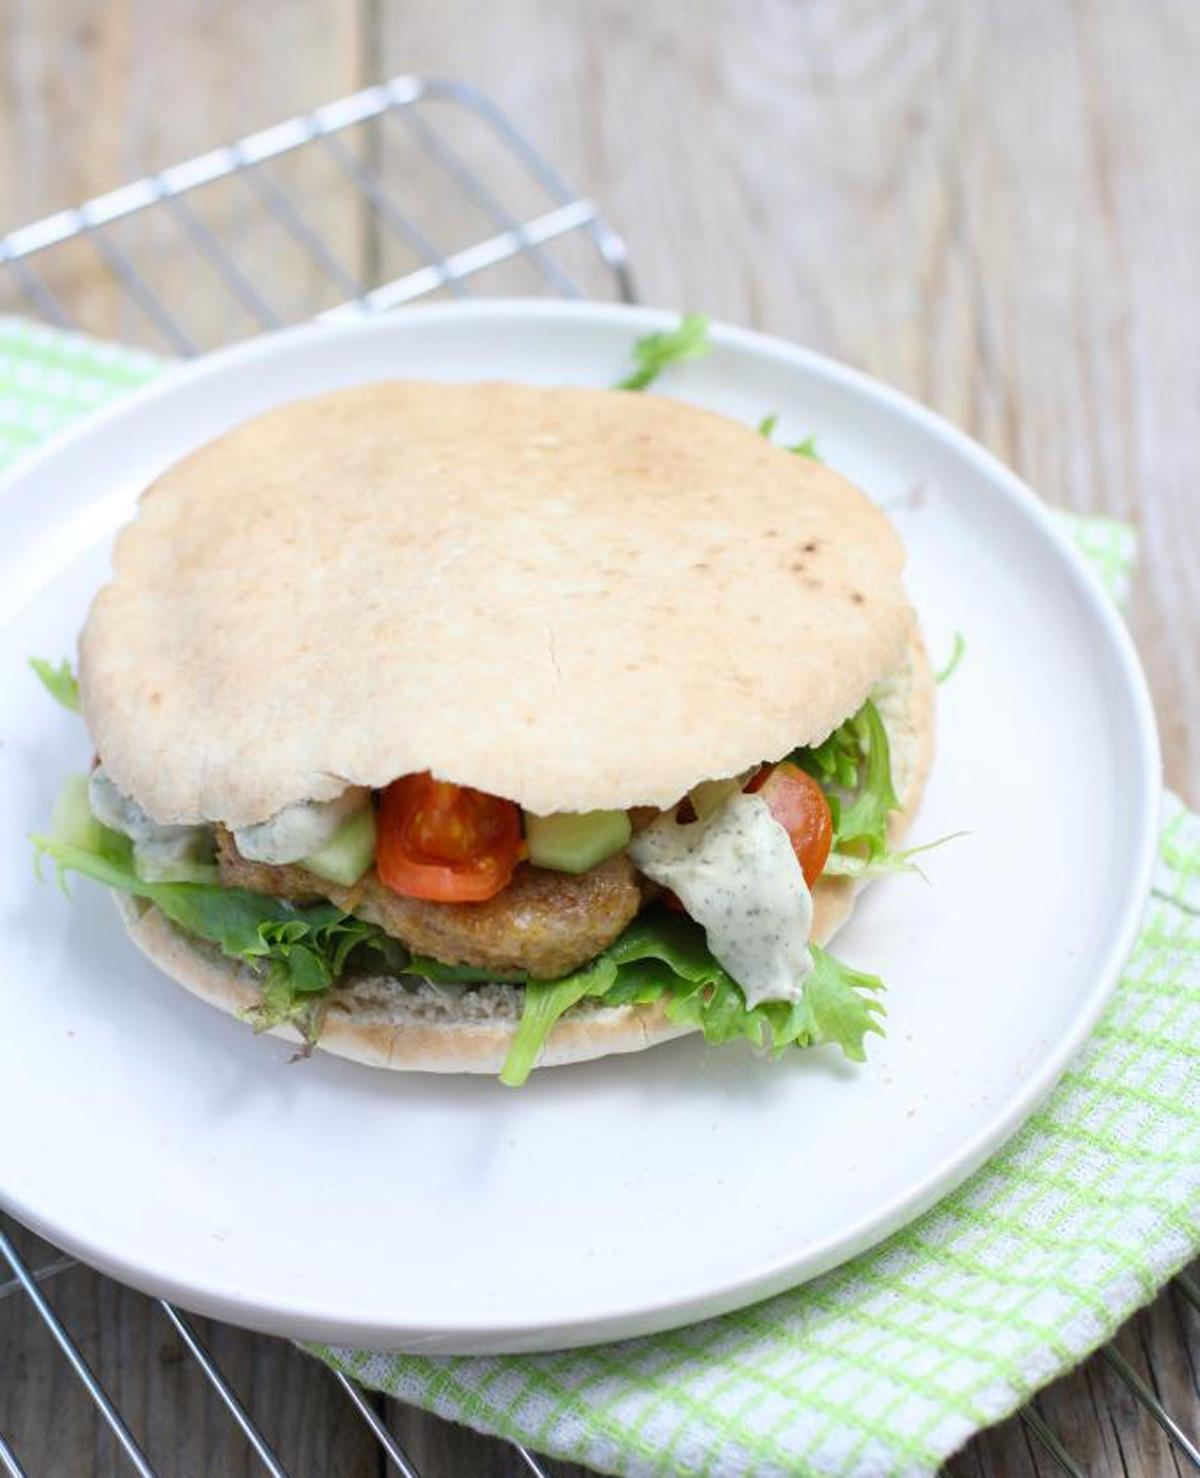 Pitabroodje met zelfgemaakte kipburger